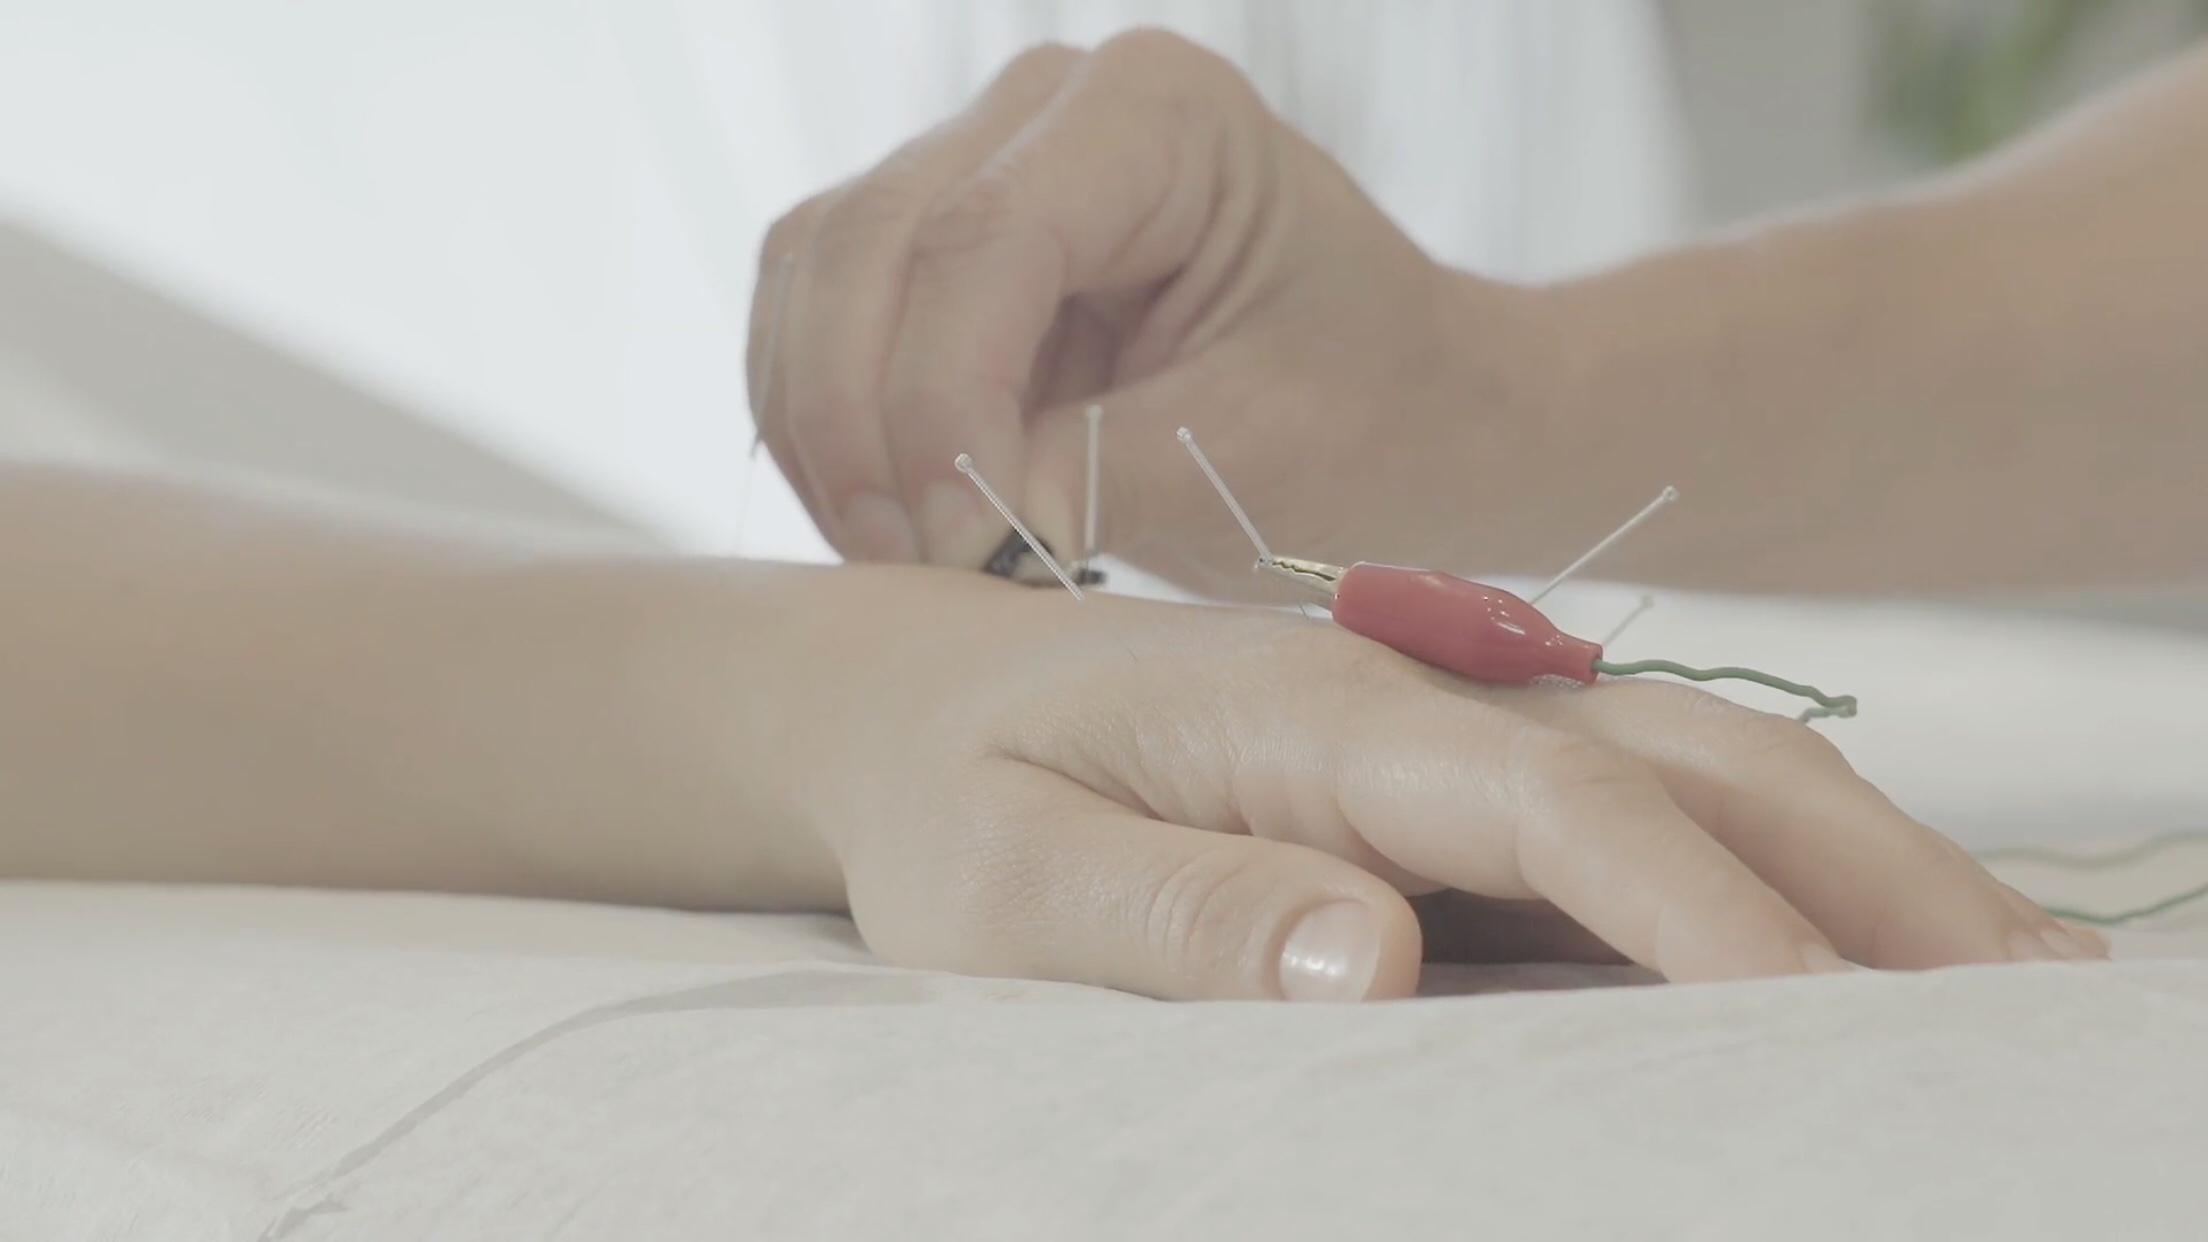 L'acupuncture dans le traitement de la douleur – Vidéo d'informations de l'Ordre des Acupuncteurs du Québec